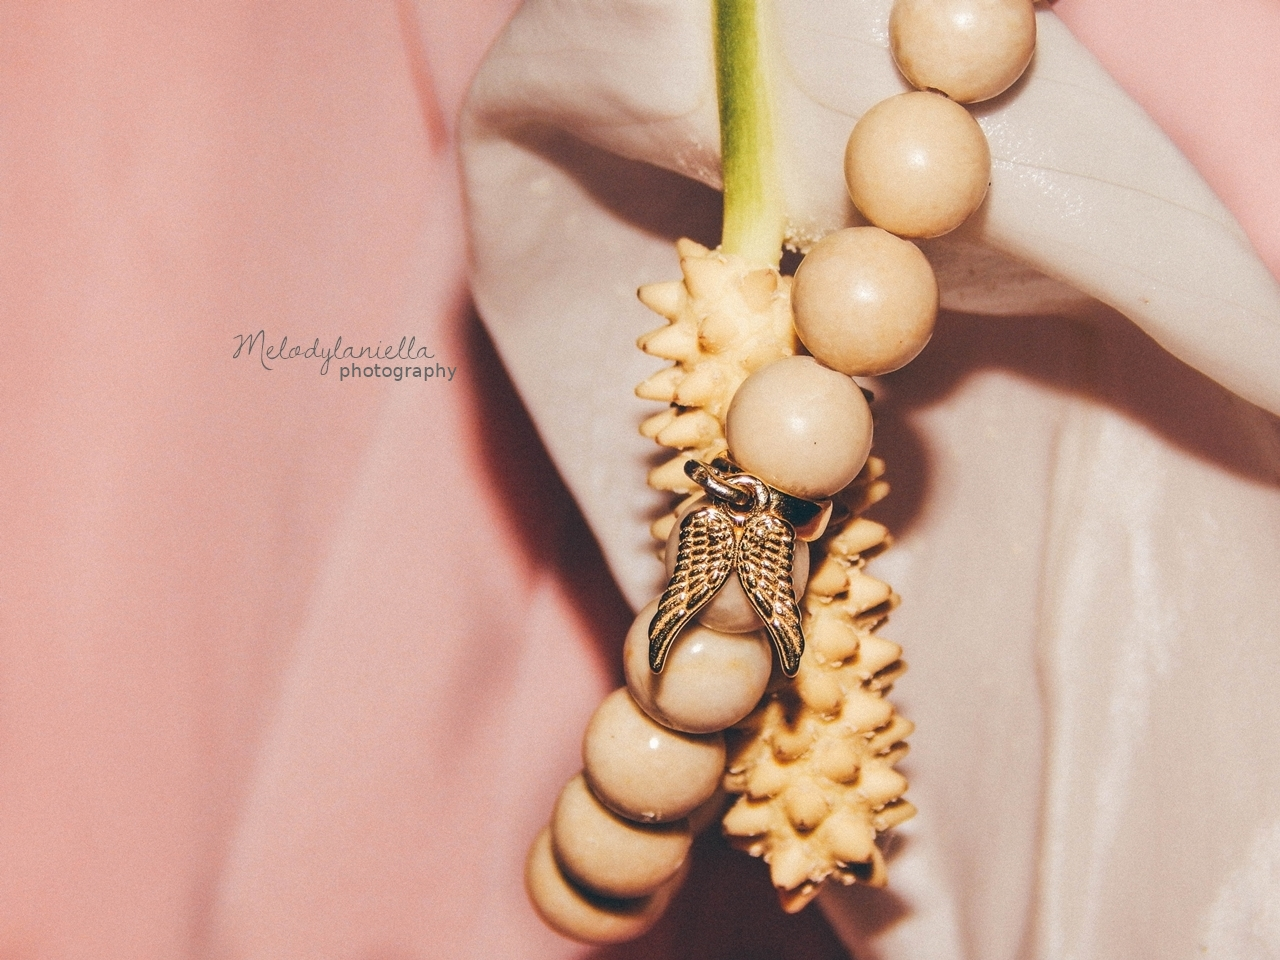 marmurowa bransoletka z koralikow srebro zloto jewellery by Ana bizuteria bransoletki marmur charmsy 24k zloto skrzydla piórko marmur lapis lazuli prezent